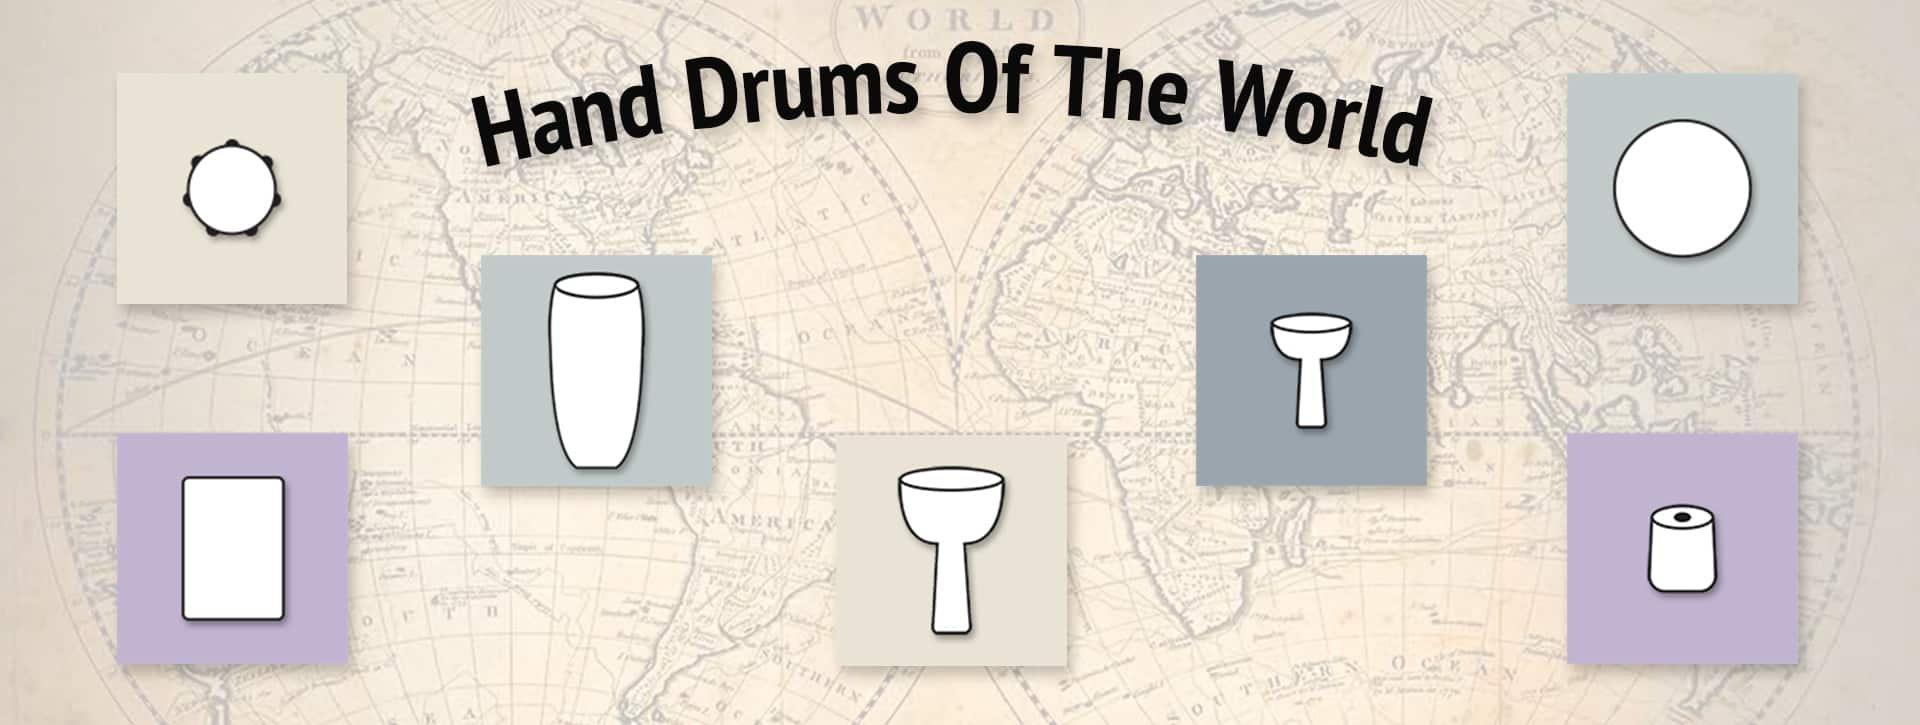 drumsummit_drums